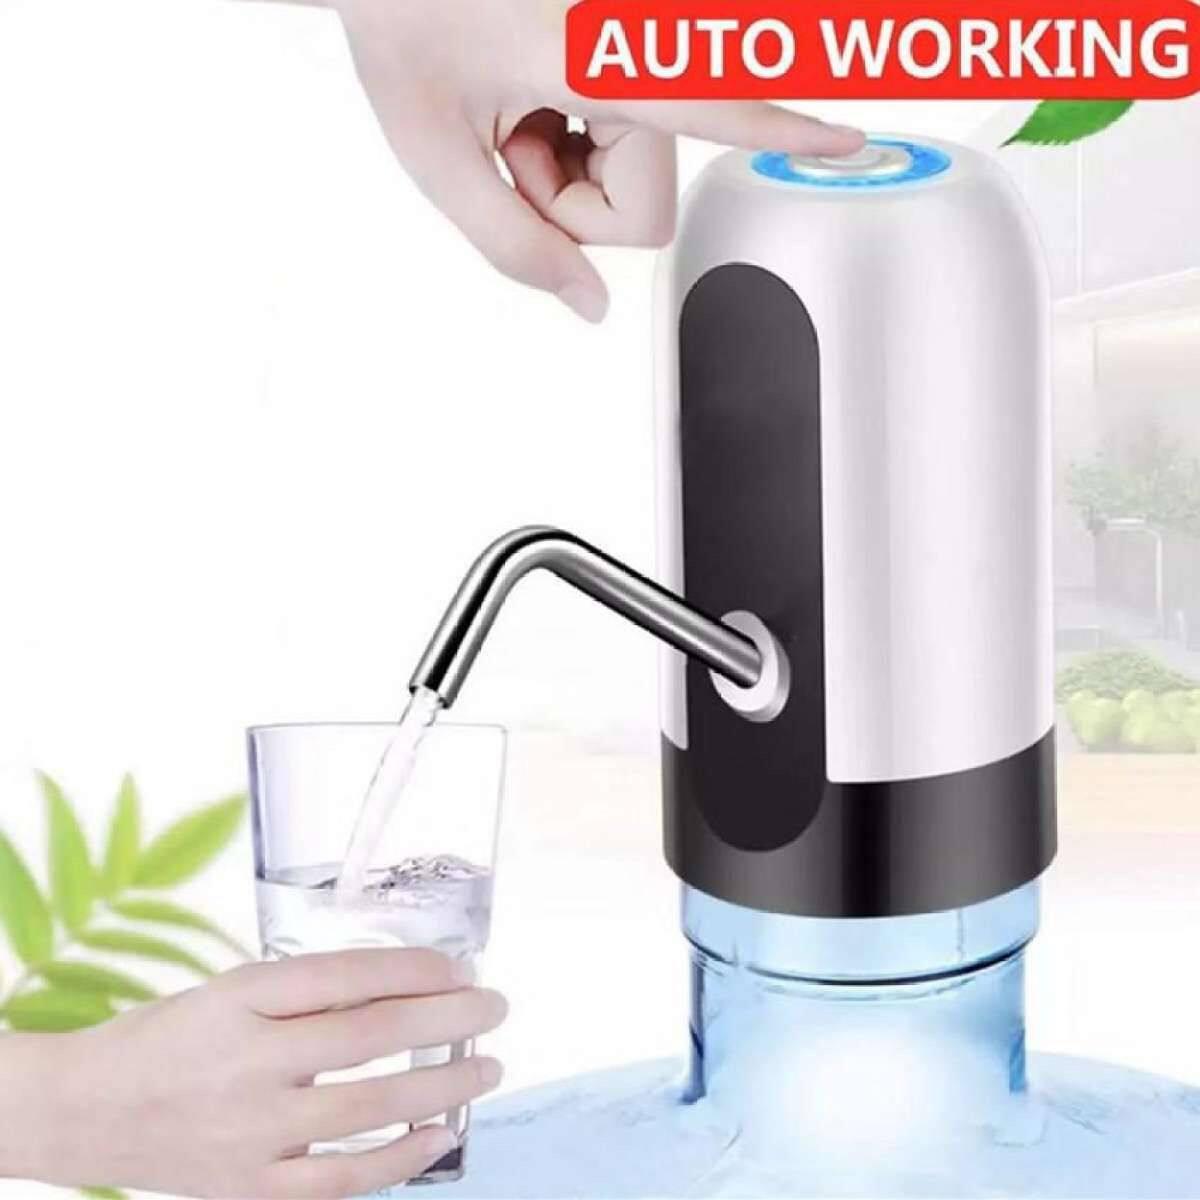 ที่ปั๊มน้ำดื่มอัตโนมัต อุปกรณ์ปั้มน้ำดื่มจากแกลลอน ที่ปั้มน้ำดื่มจากแกลลอน แบบมือกด ไม่ใช้ไฟฟ้า Pump-Manual เครื่องกดน้ำอัตโนมัติ เครื่องปั้มน้ำขึ้นมาจากถัง เครื่องดูดน้ำ